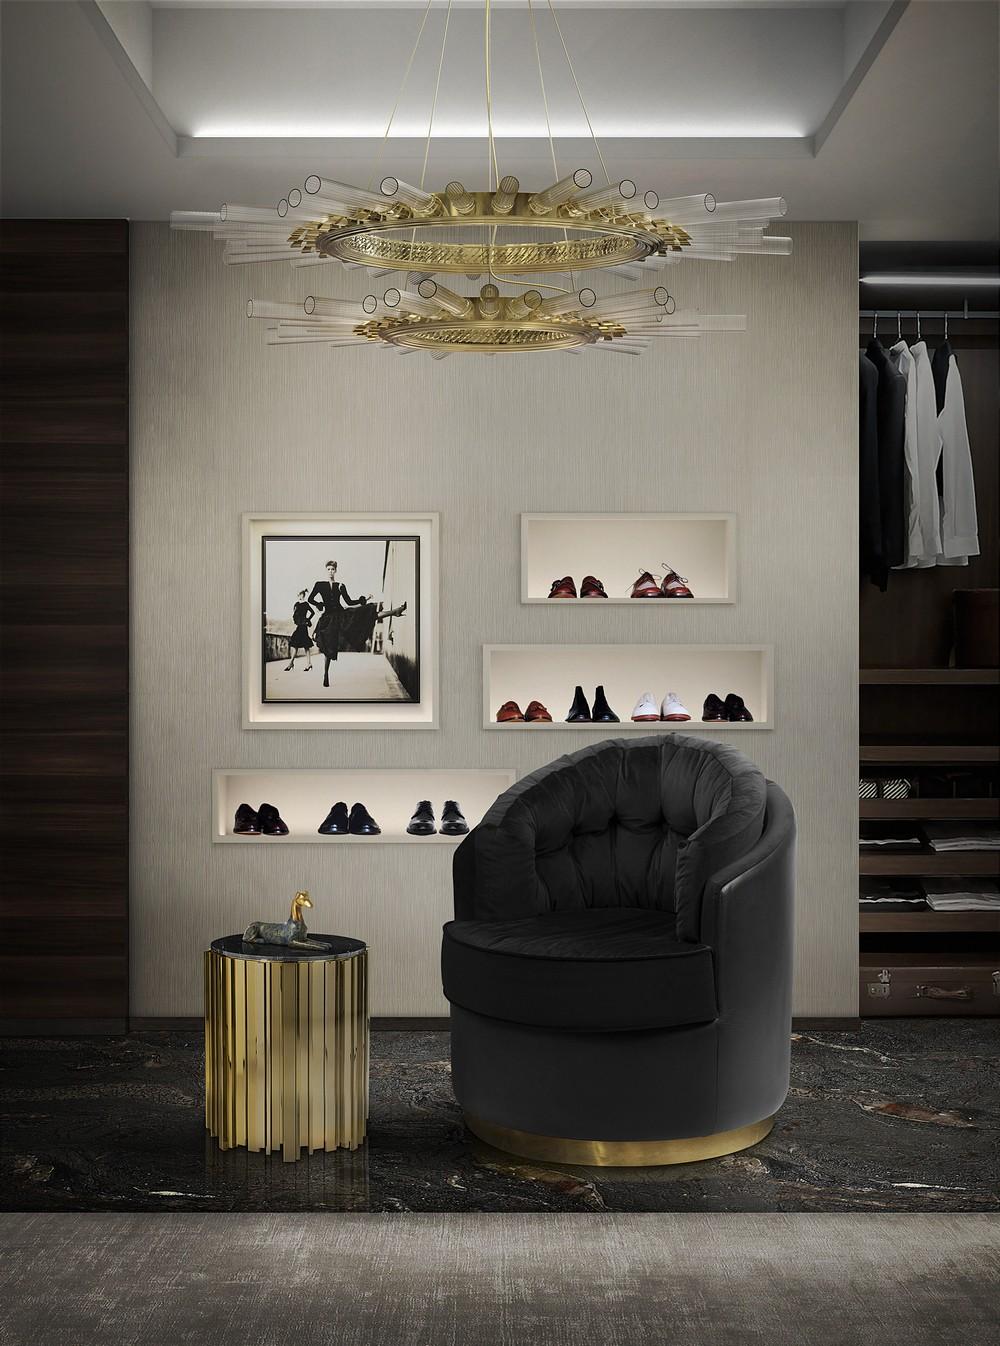 Maison et Objet 2020 Discover LUXXU's Most Iconic Modern Designs_15 maison et objet Maison et Objet 2020: Discover LUXXU's Most Iconic Modern Designs Maison et Objet 2020 Discover LUXXUs Most Iconic Modern Designs 15